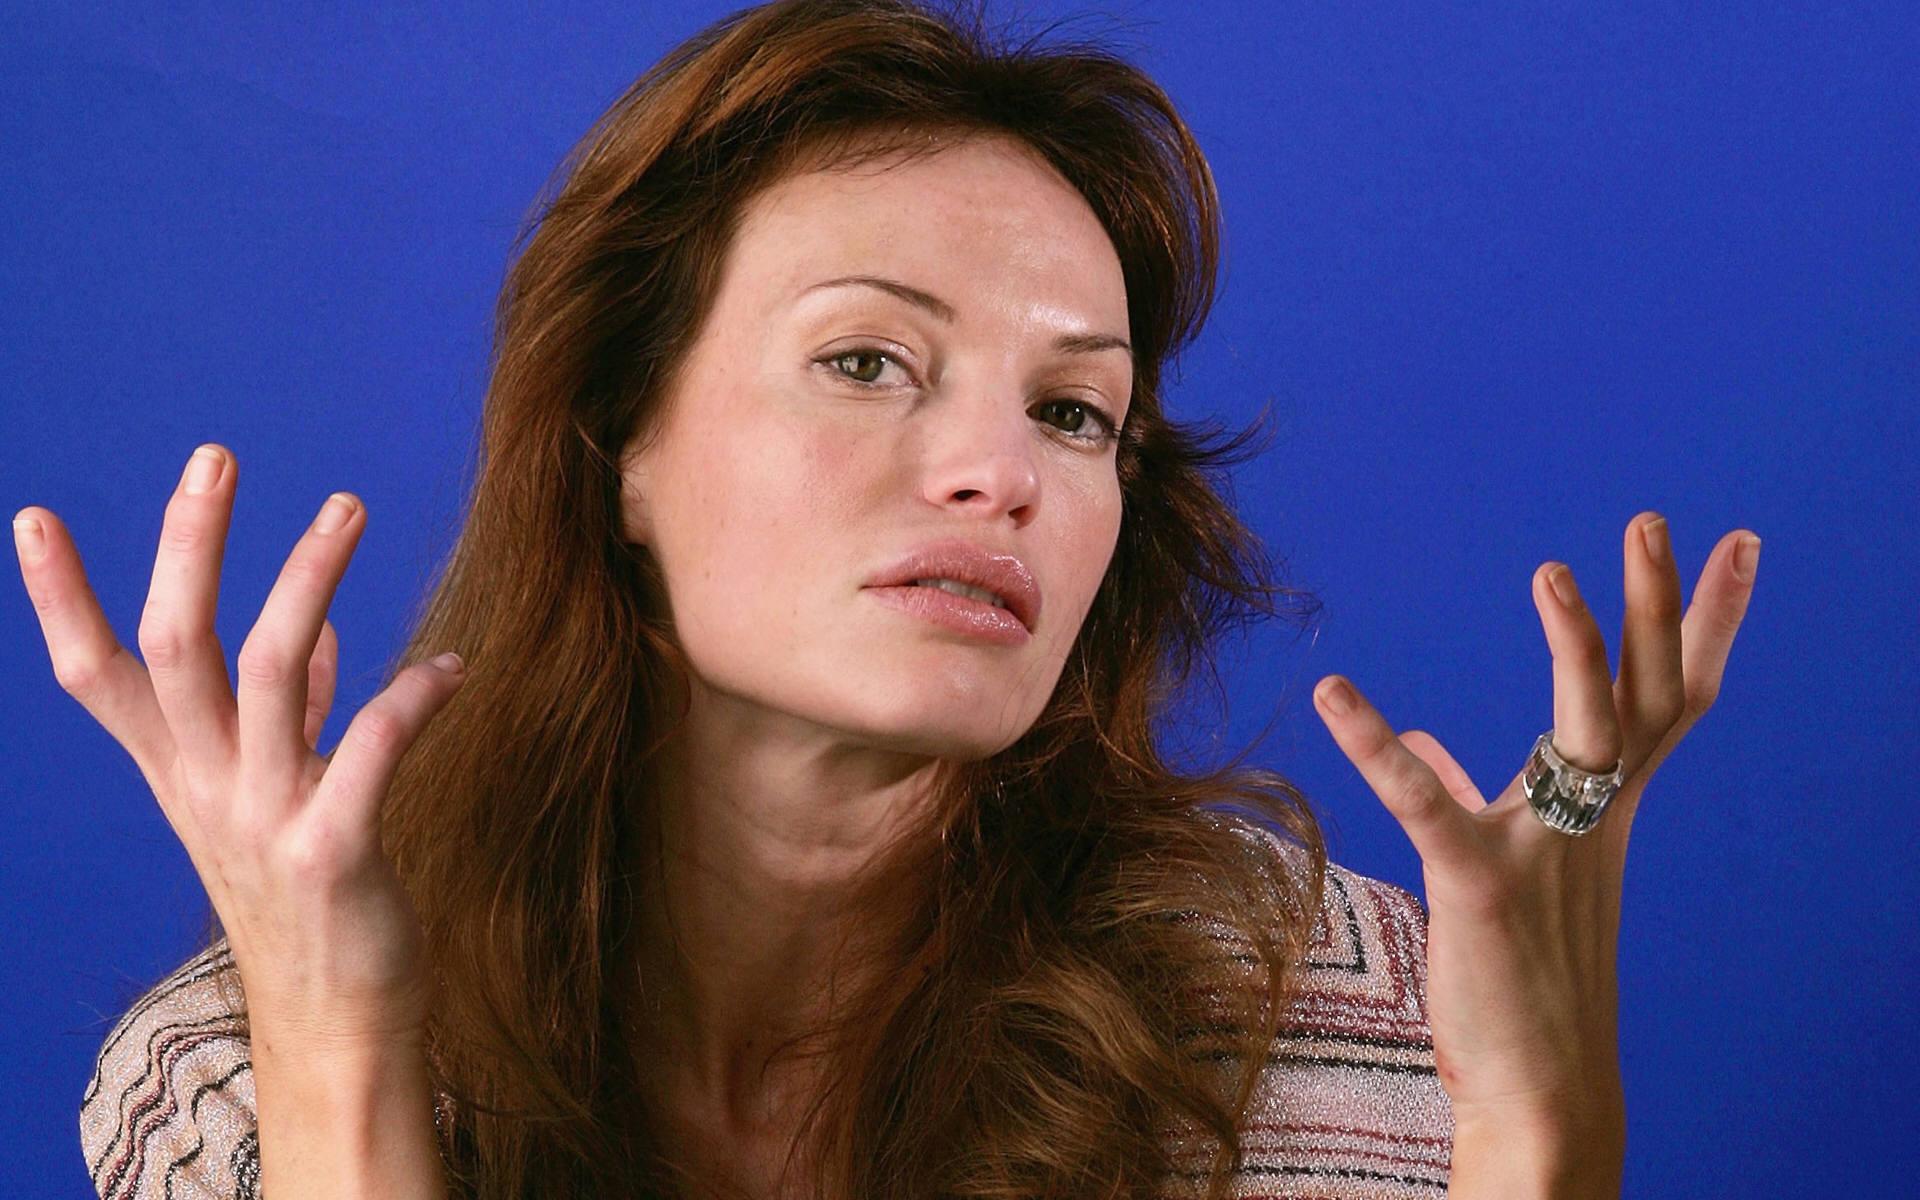 Poze Jolene Blalock - Actor - Poza 7 din 132 - CineMagia.ro